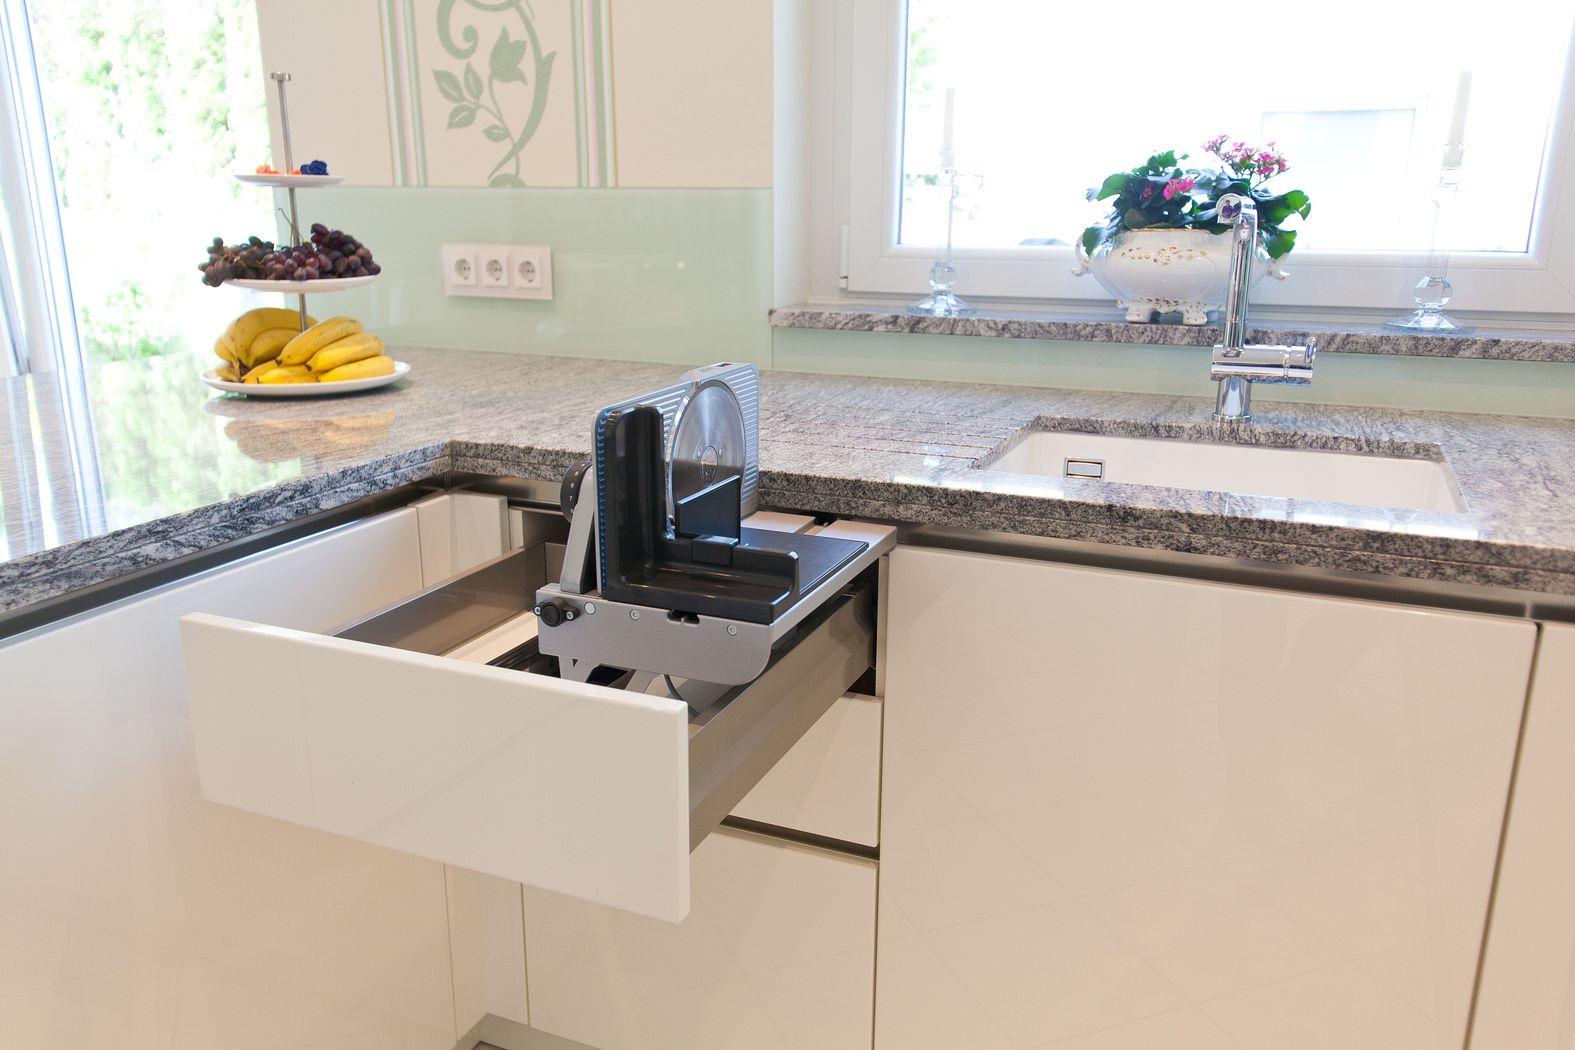 Full Size of Granit Arbeitsplatte Kche Silestone Mit Weien Küche Granitplatten Arbeitsplatten Sideboard Wohnzimmer Granit Arbeitsplatte